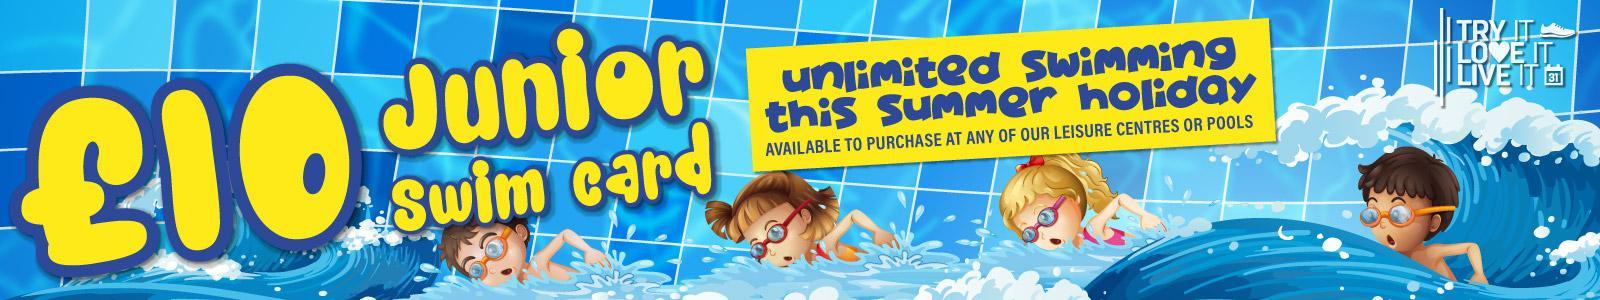 £10 Junior Swim Offer Banner